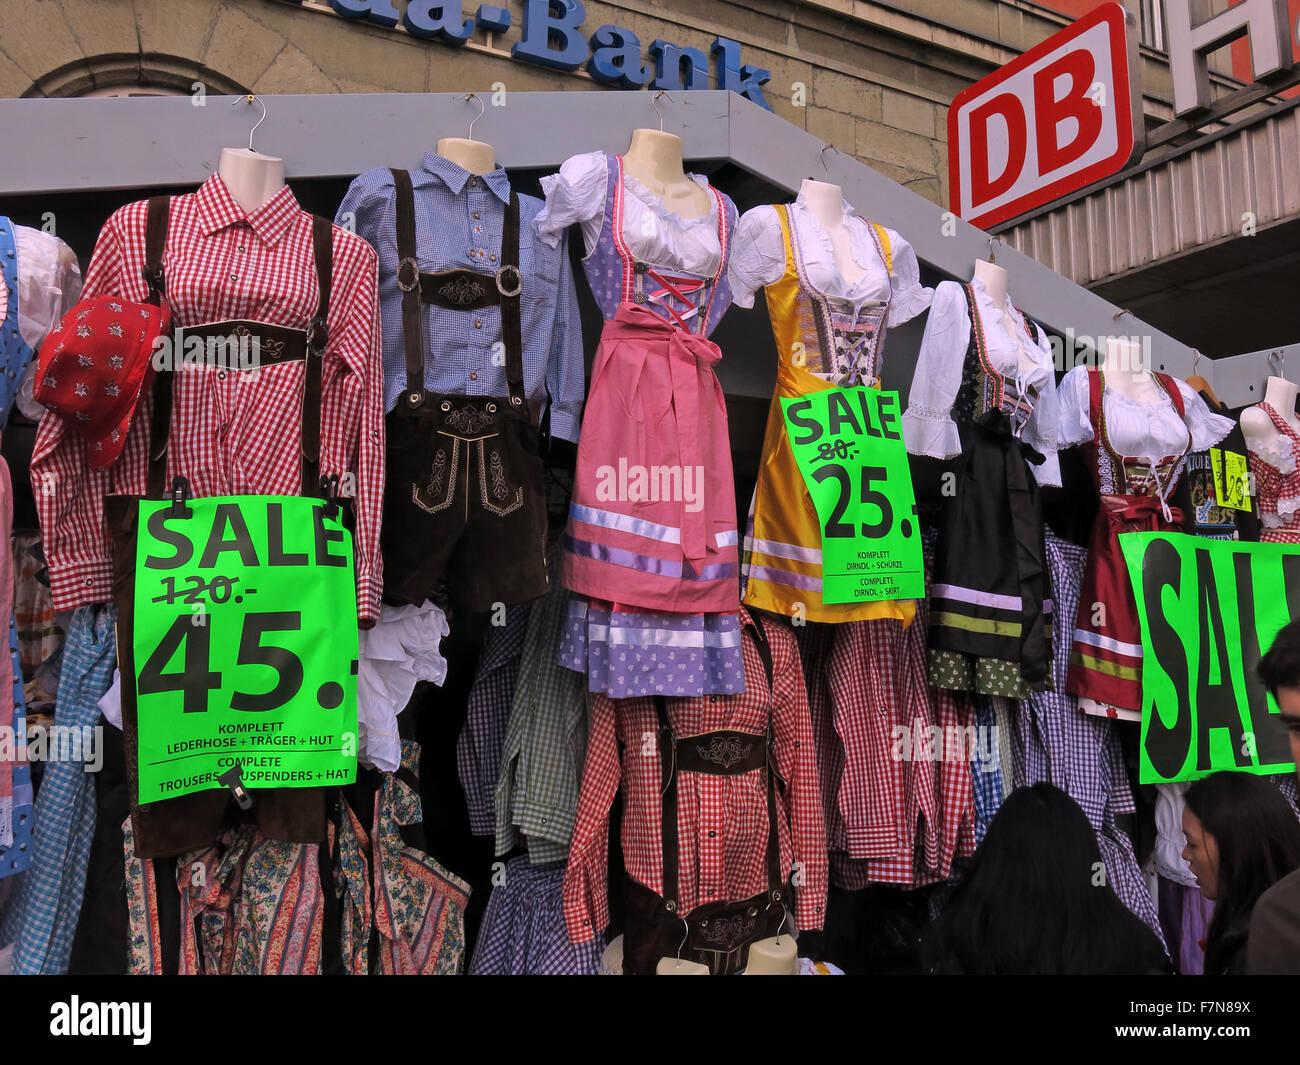 Laden Sie dieses Alamy Stockfoto Kleidung für das Oktoberfest am Hauptbahnhof München, reduziert am vergangenen Wochenende, 120 bis 45 Euro - F7N89X